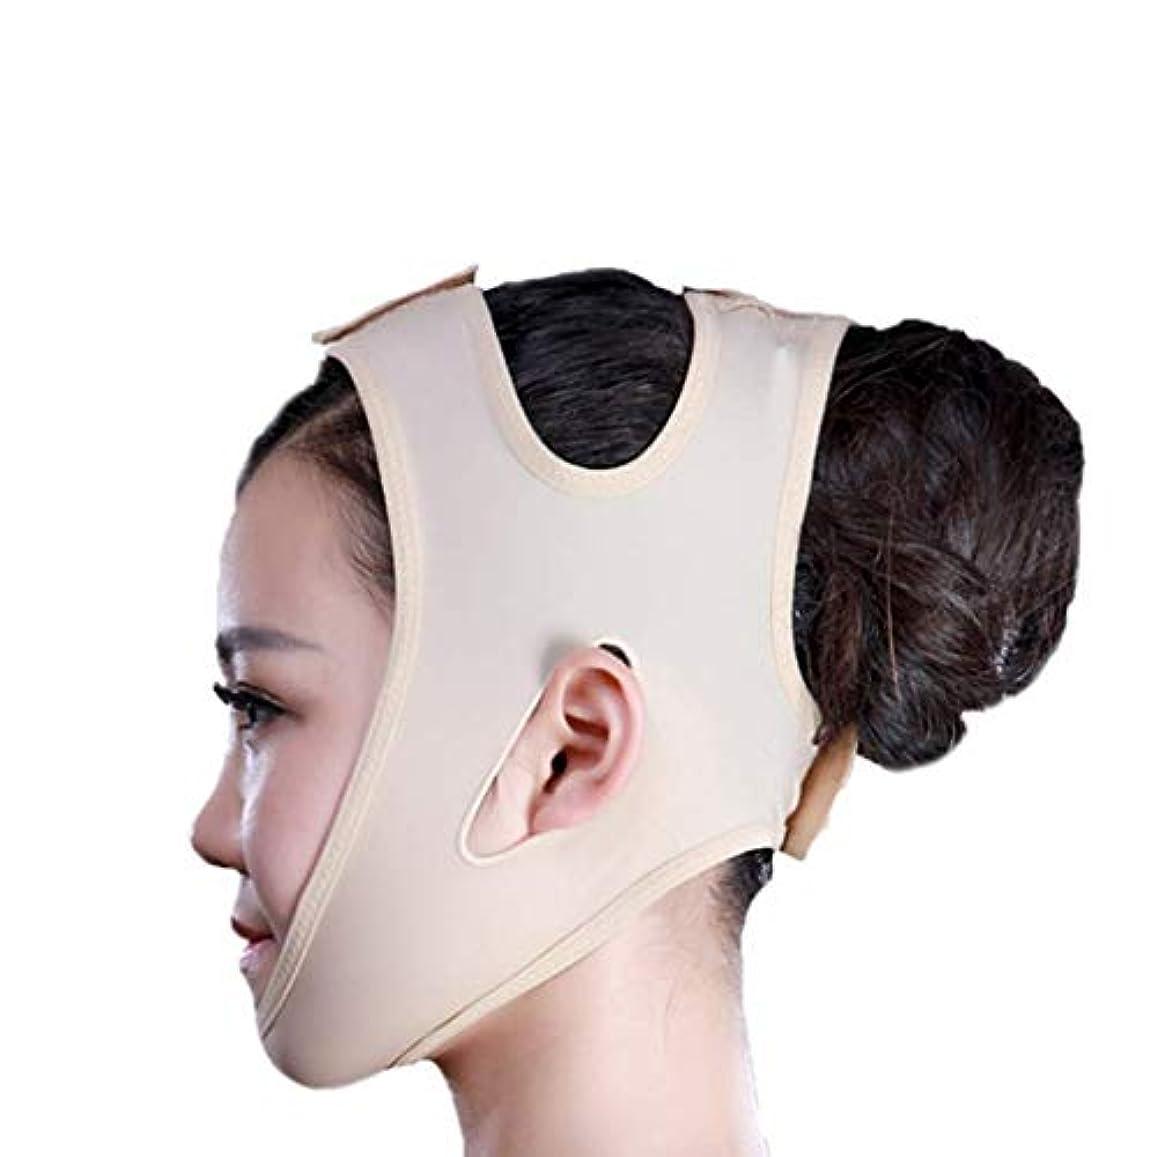 仲人好意的実証するフェイススリミングマスク、快適さと通気性、フェイシャルリフティング、輪郭の改善された硬さ、ファーミングとリフティングフェイス(カラー:ブラック、サイズ:XL),黄色がかったピンク、M